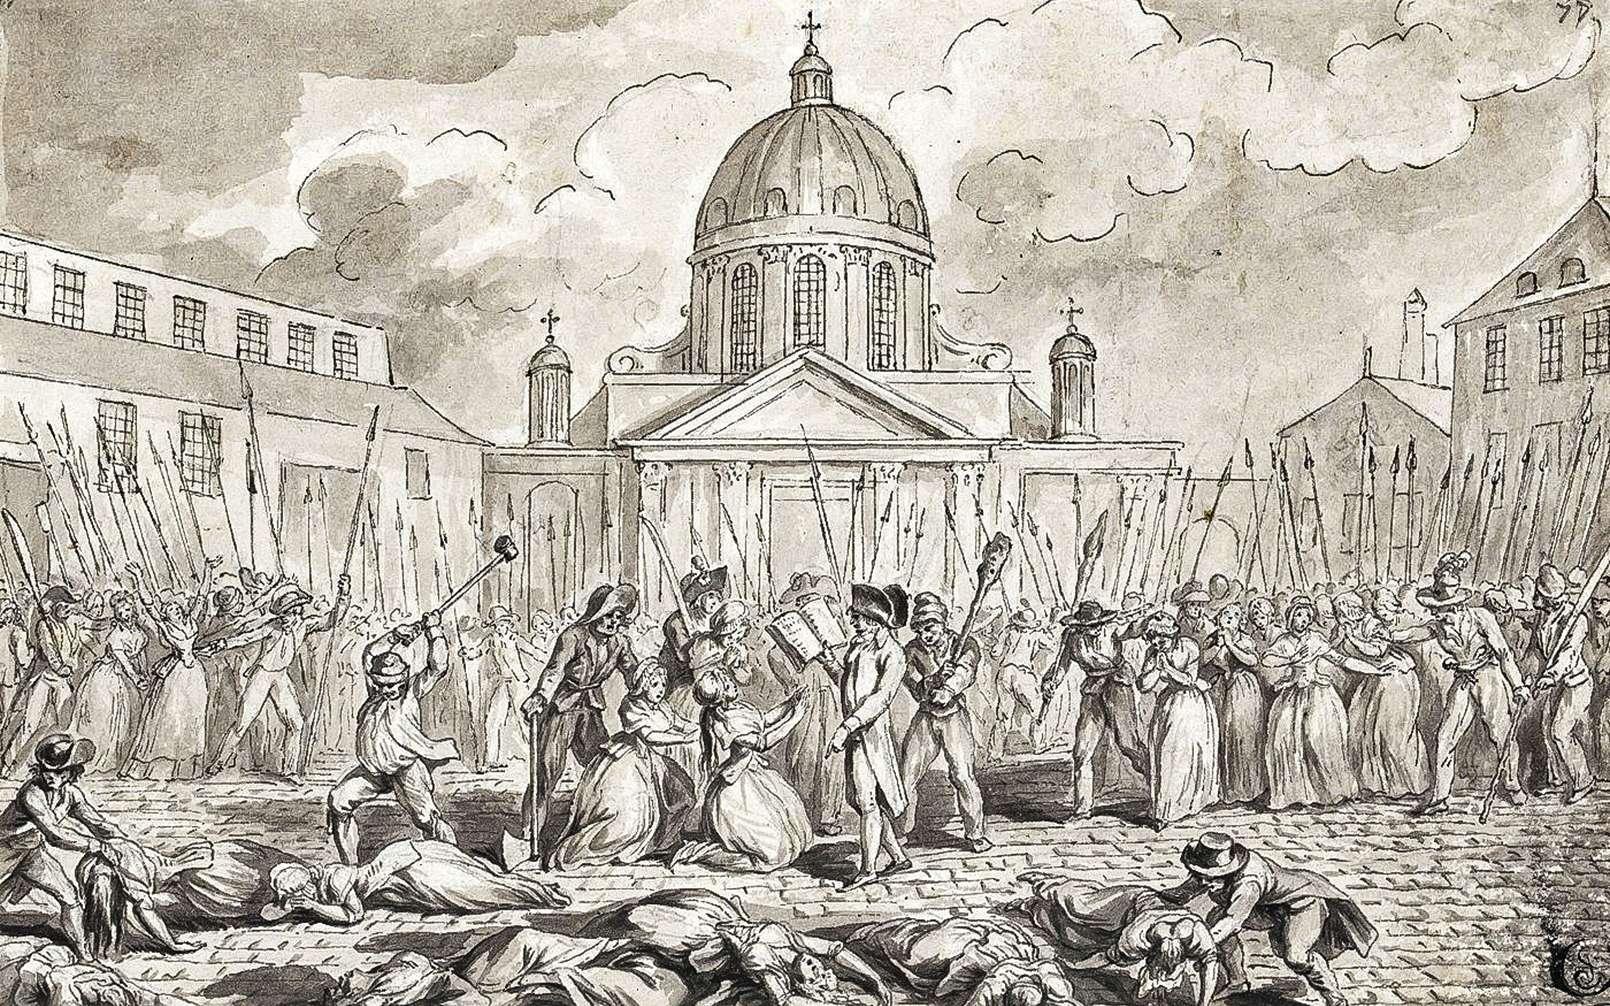 Plus d'un millier de détenus ont été tués lors des massacres de septembre. Massacre à la Salpêtrière, 3 septembre 1792. © Inconnu, Wikimedia Commons, Domaine public